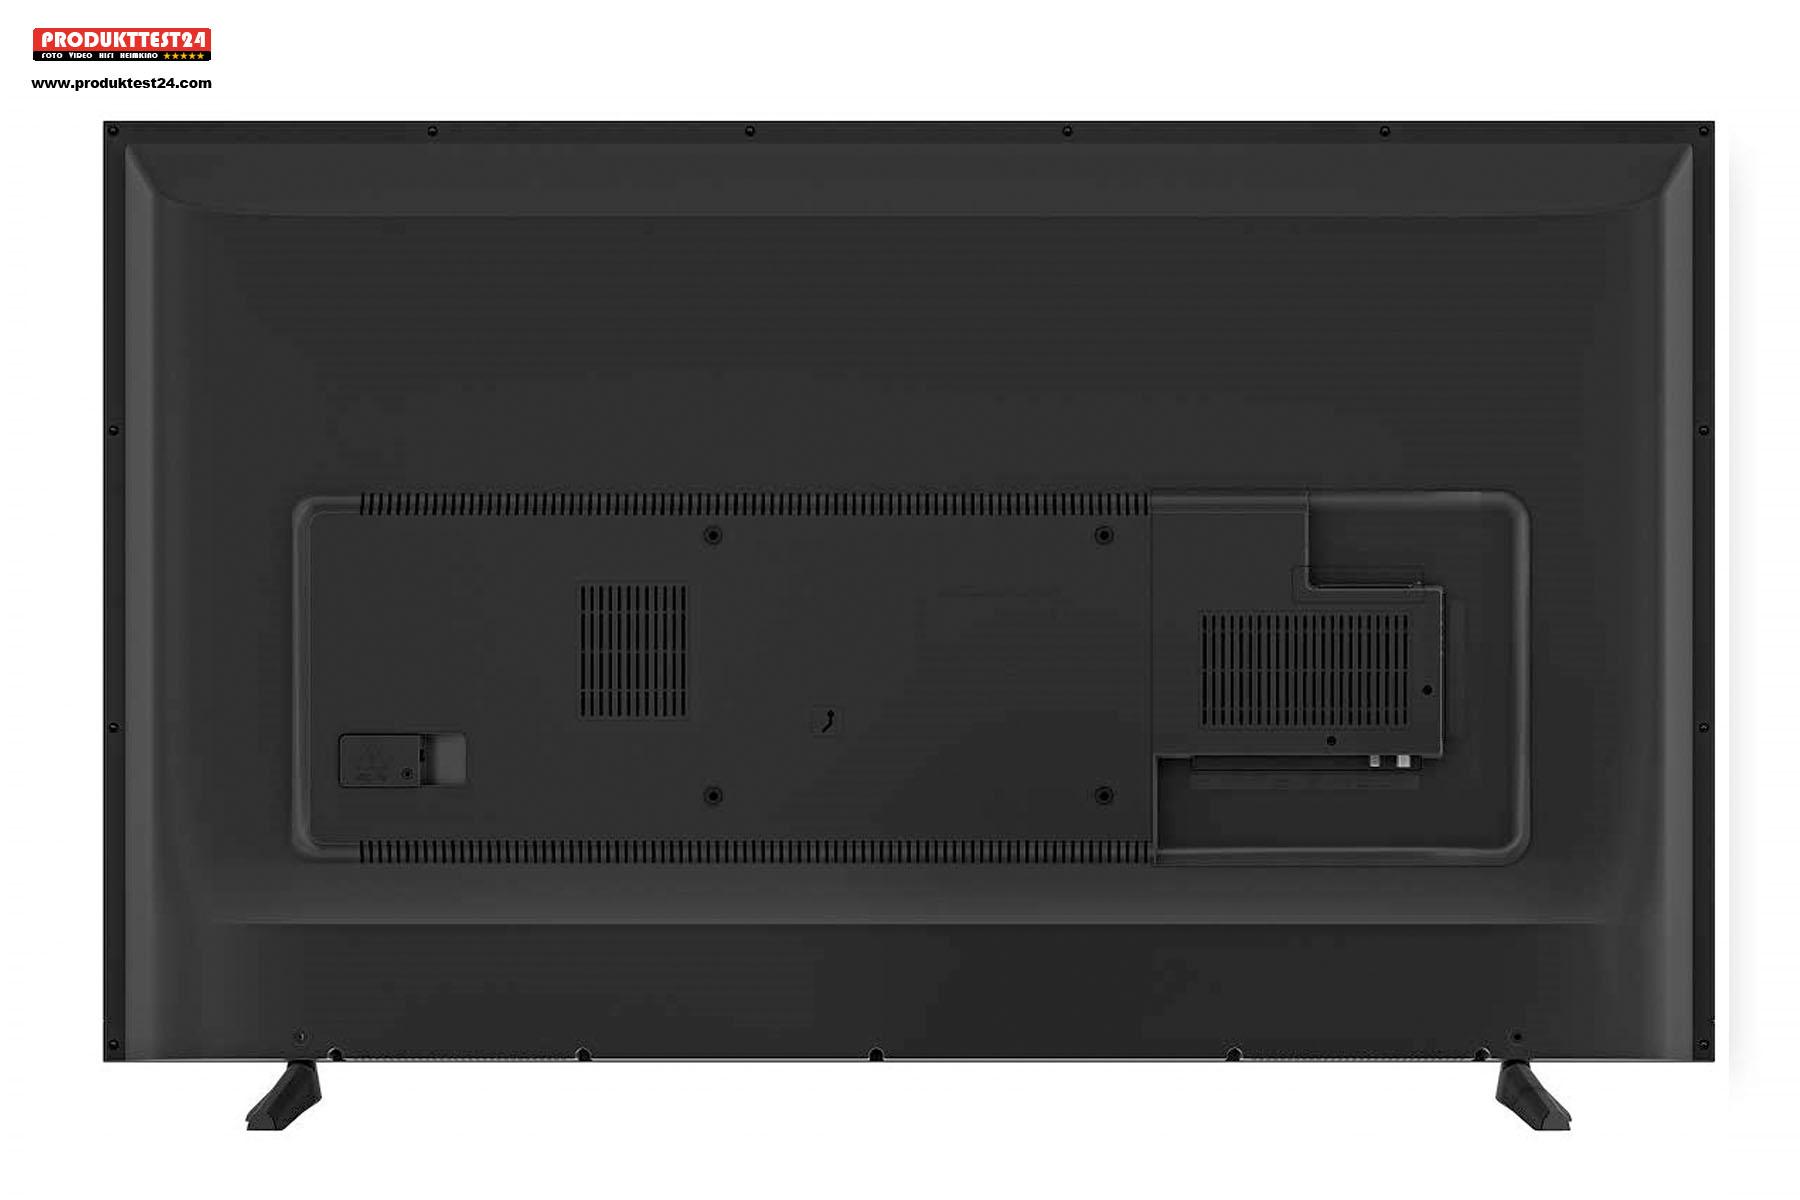 Die Rückseite des Grundig 43 VLX 7010 (43 GUB 7060)